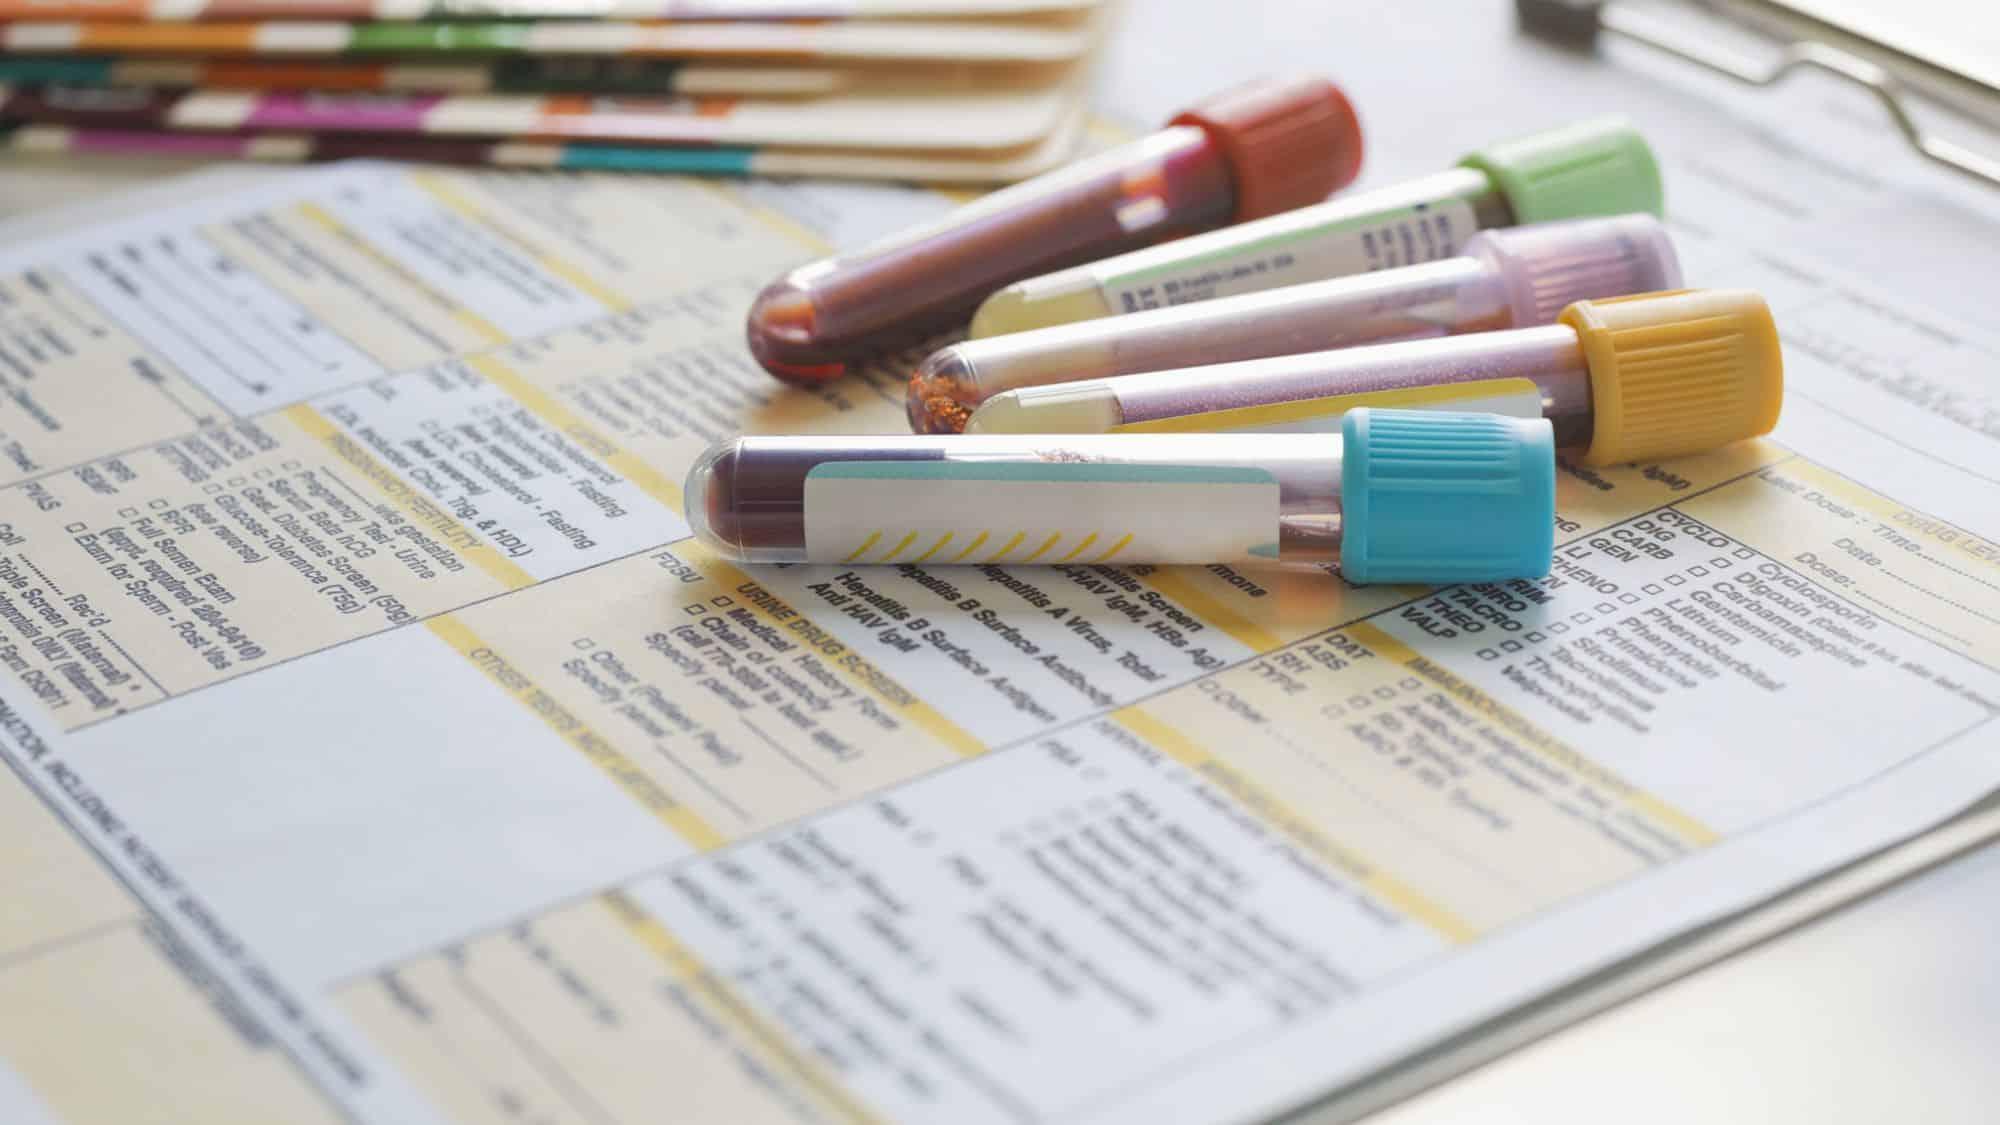 النتيجة السلبية في اختبار الحمل عن طريق تحليل الدم